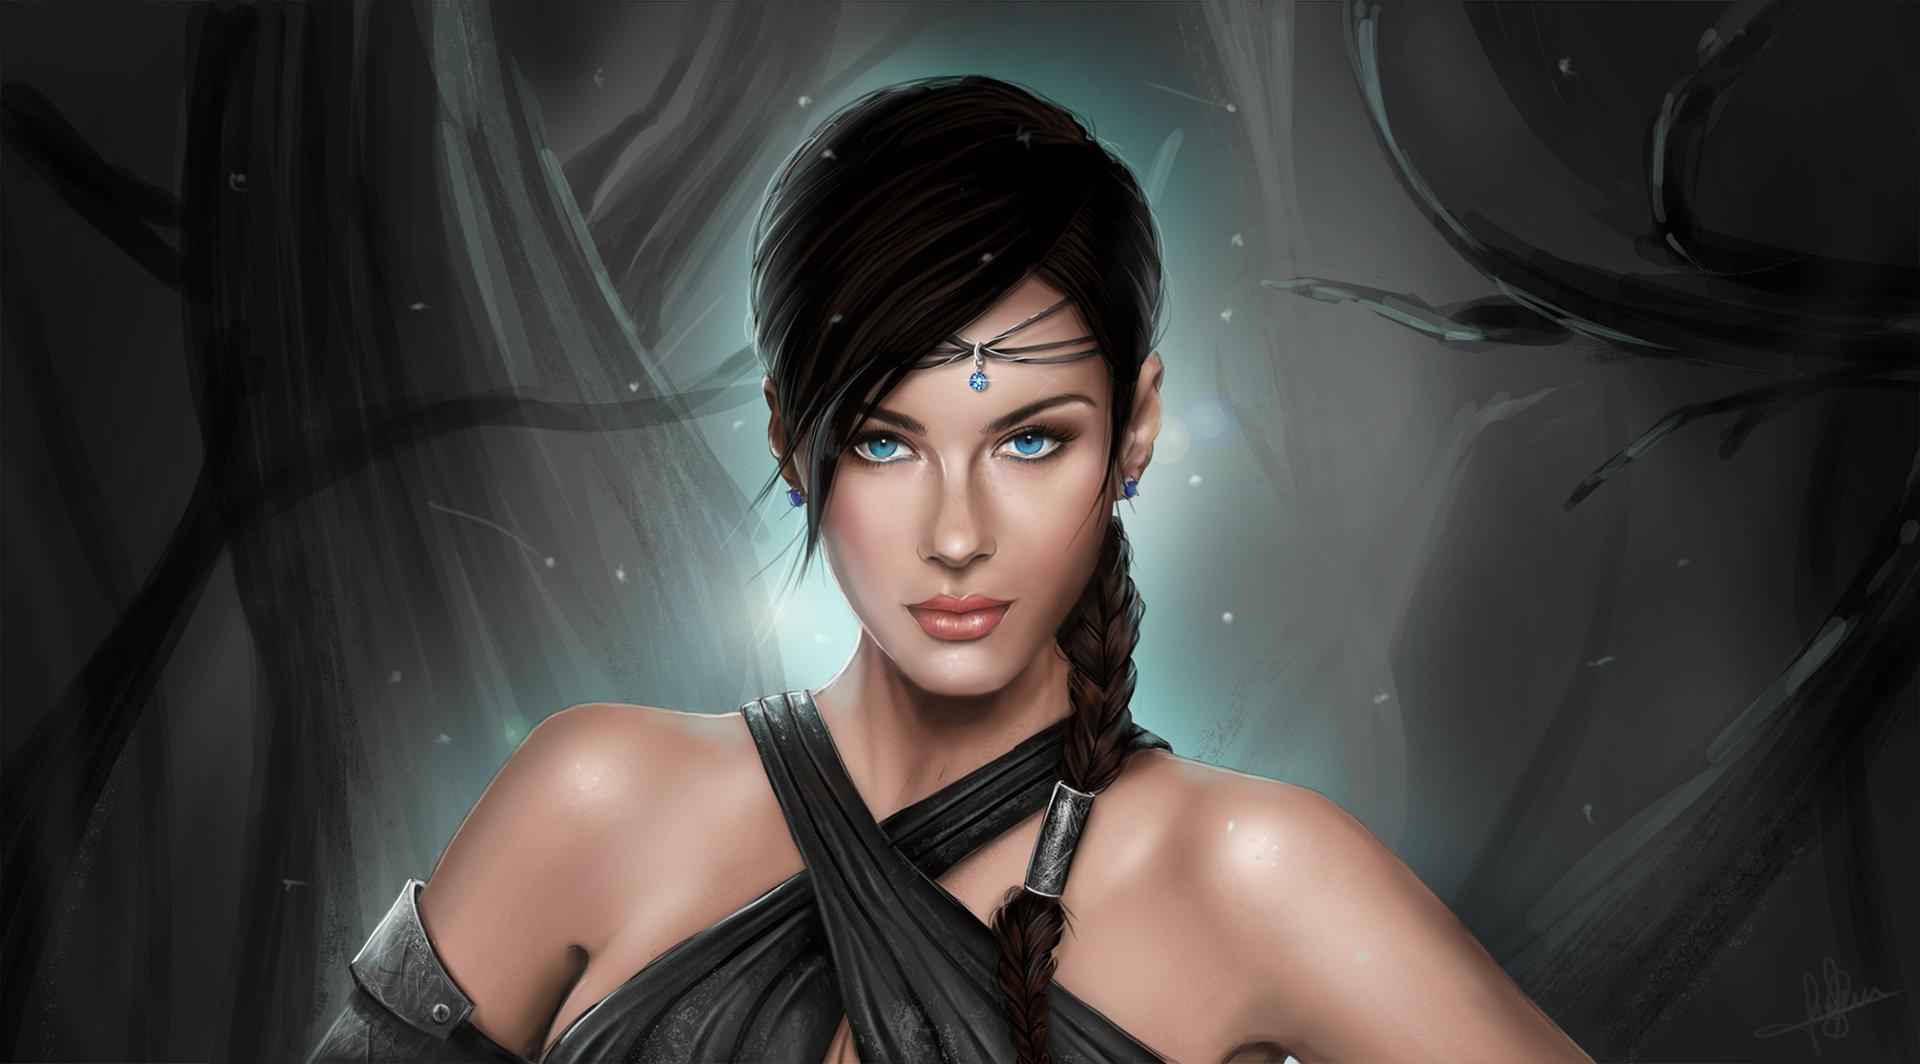 Art ID: 125272